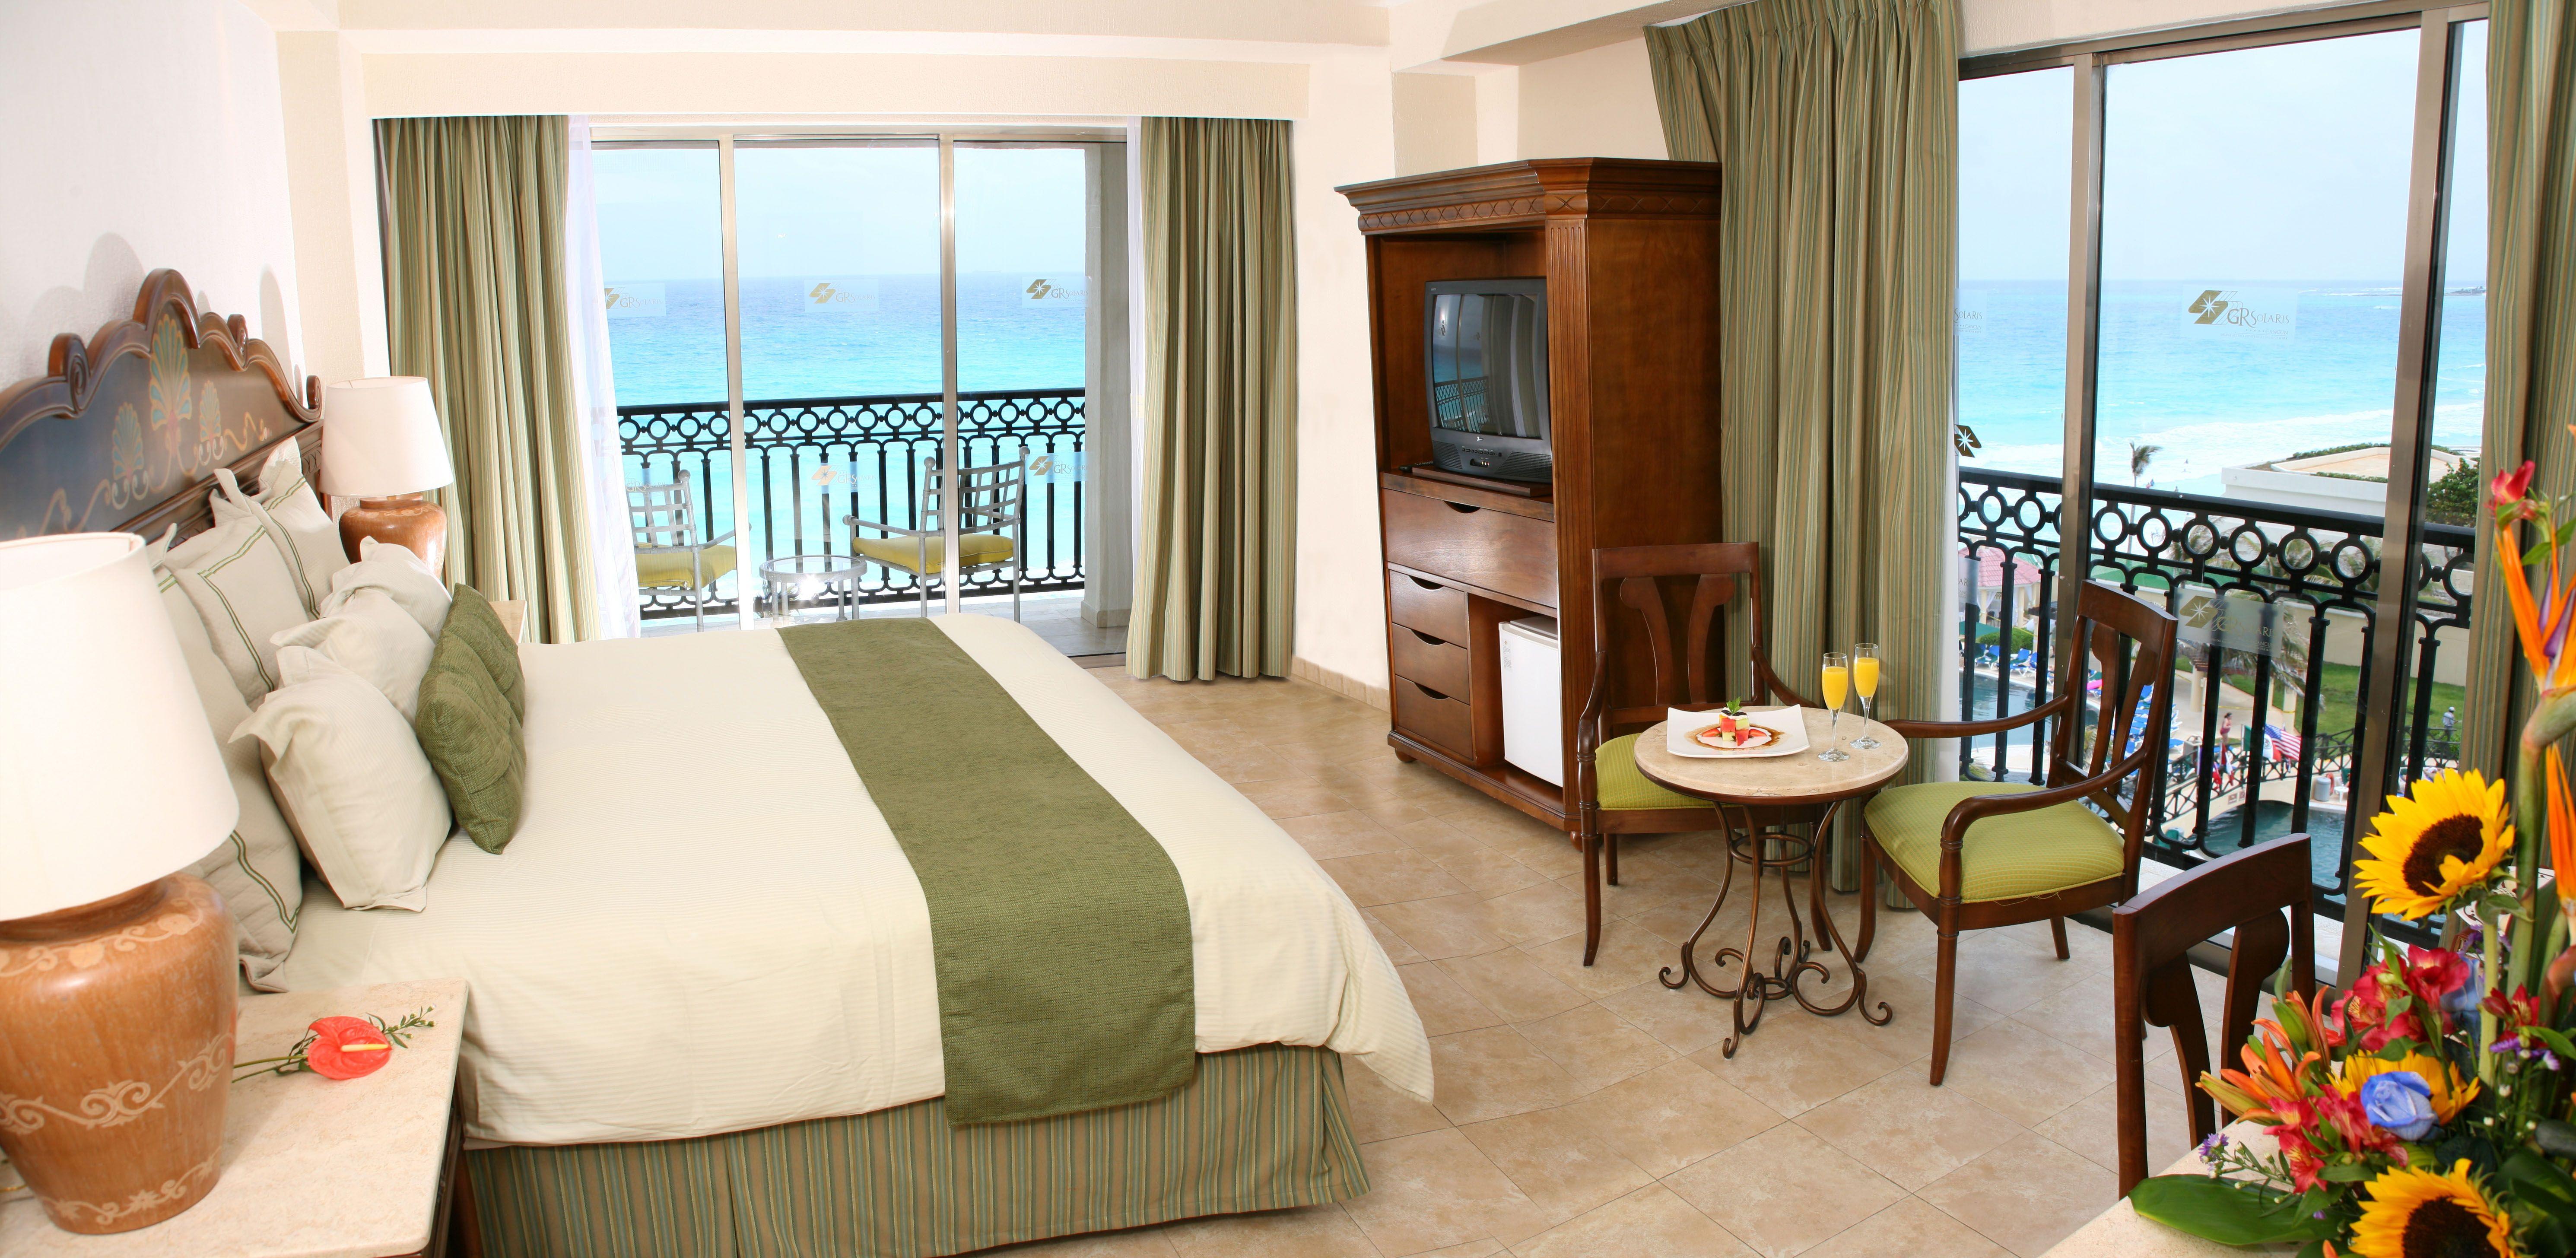 Royal Solaris Cancun Resort - Royal Solaris - GR Solaris Cancun Resorts (Royal Solaris Cancún, Deluxe Ocean View)